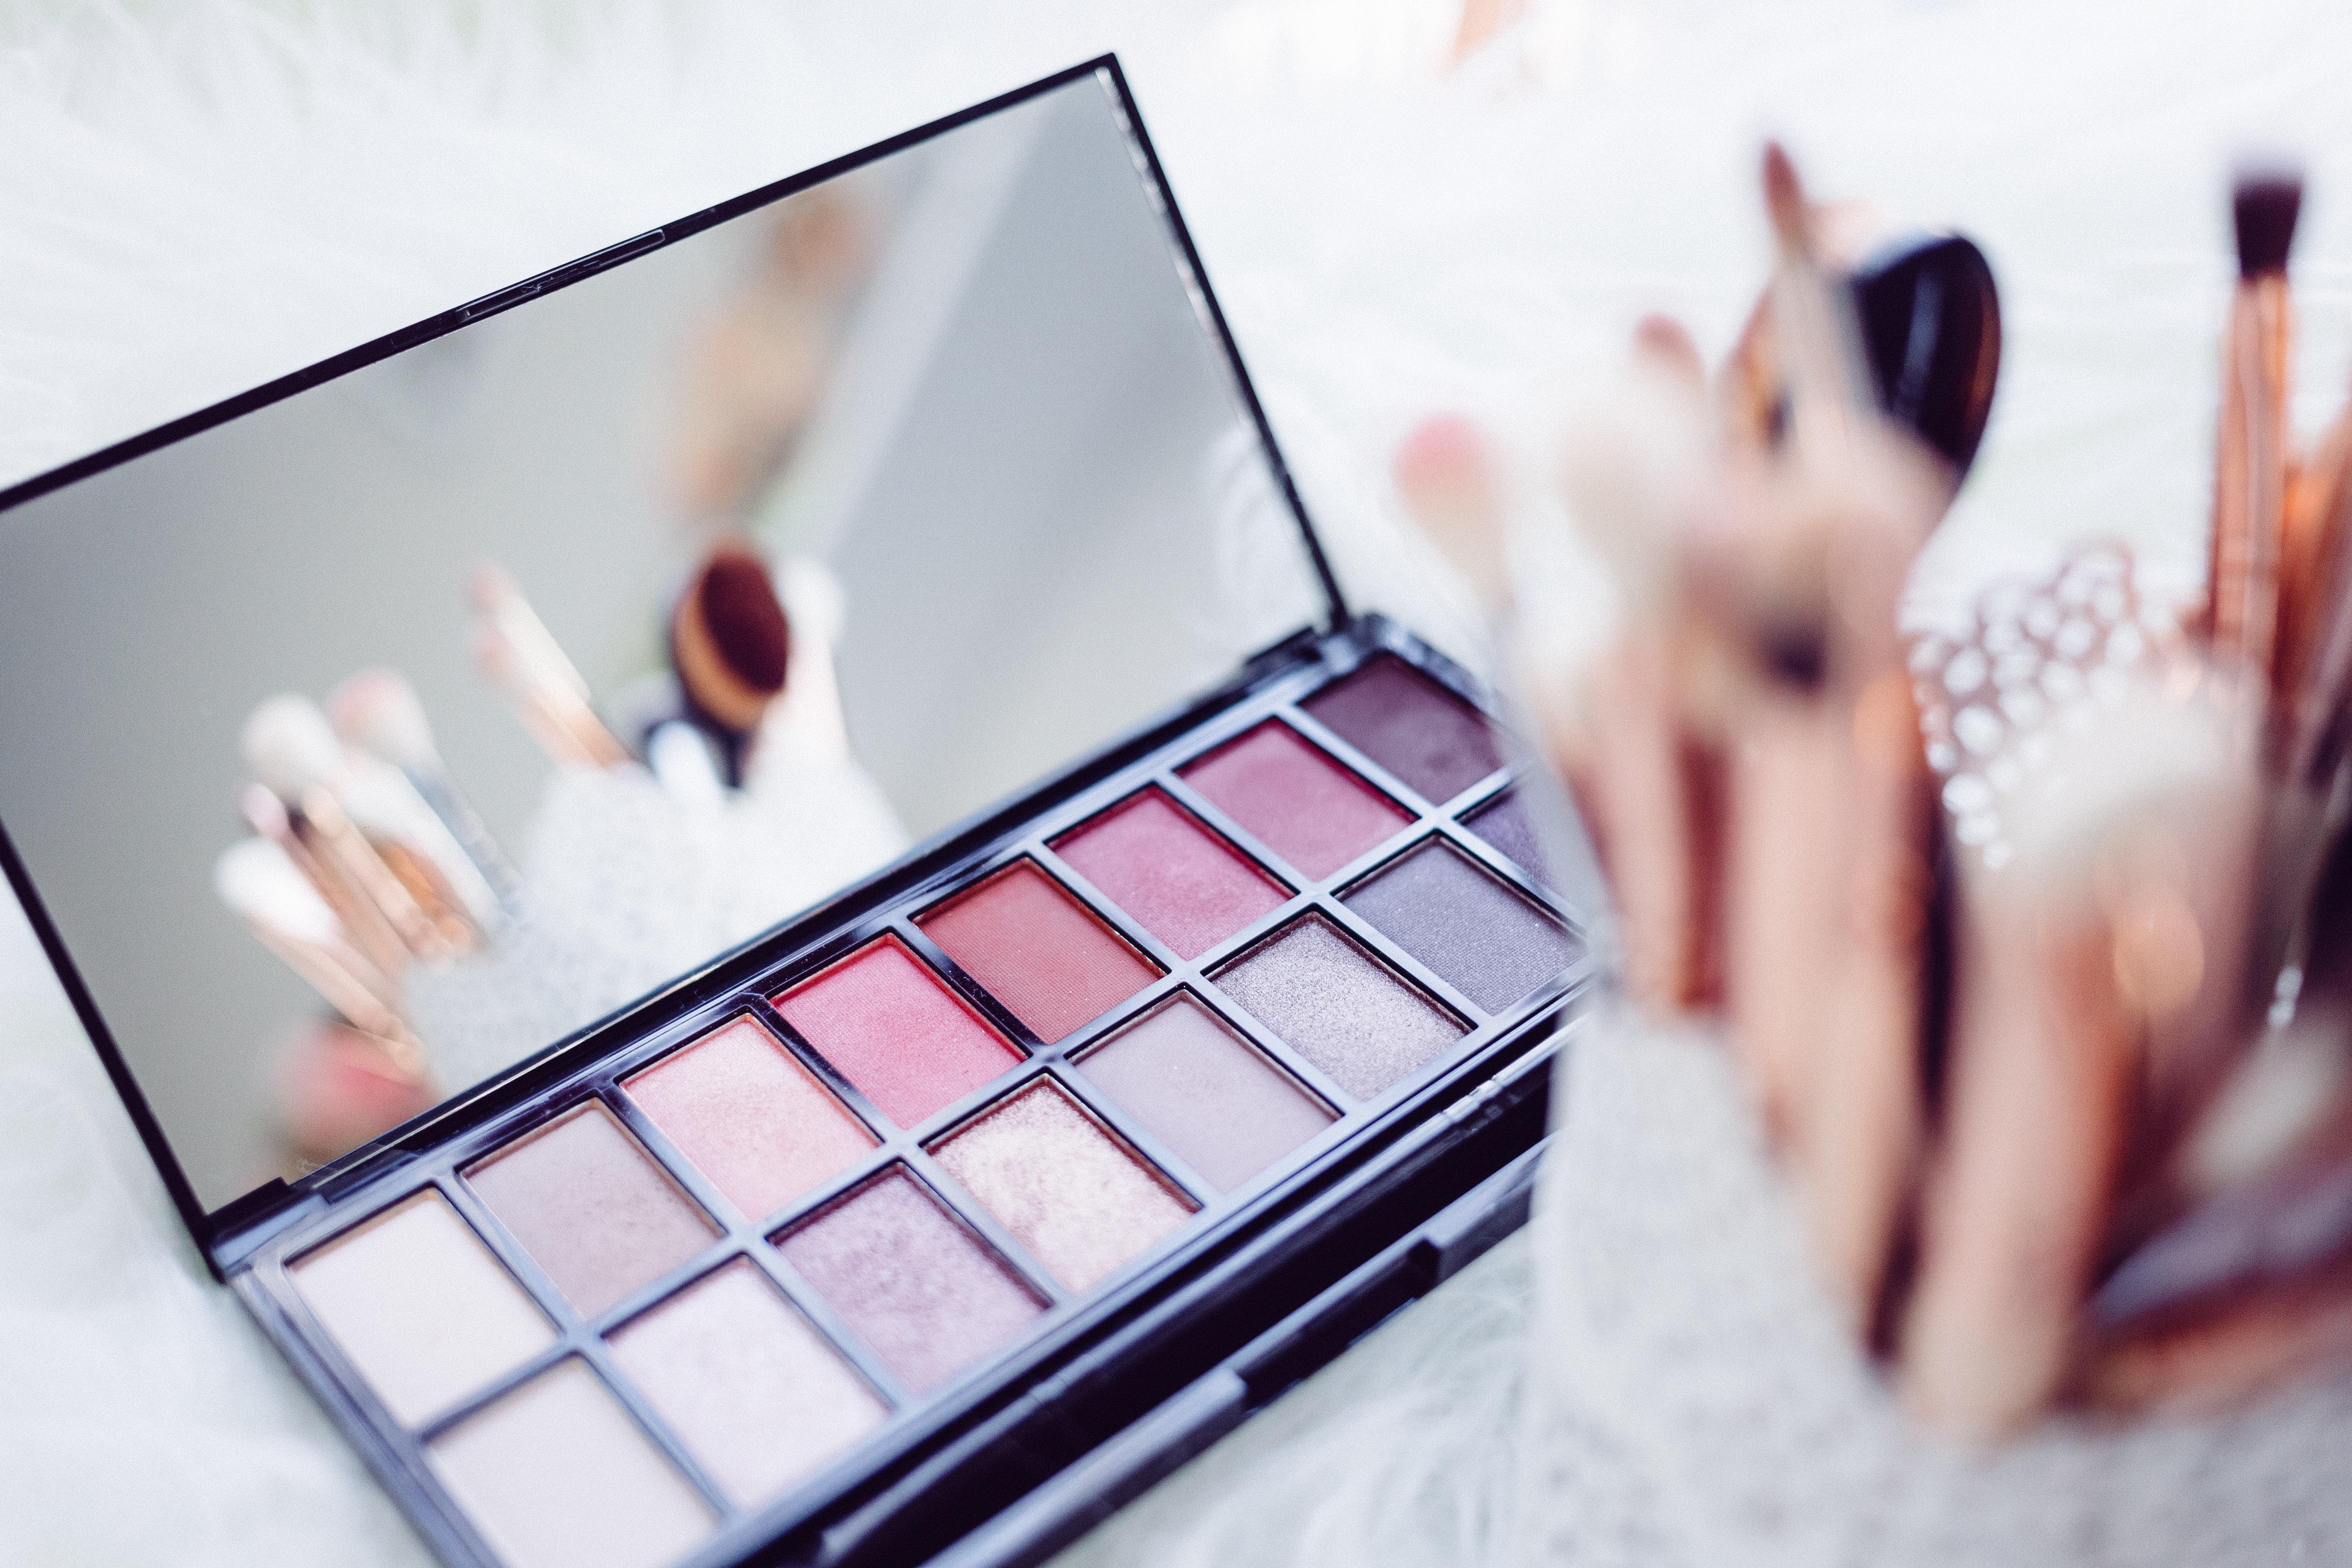 Coffret maquillage : notre test, avis et comparatif 2020 1